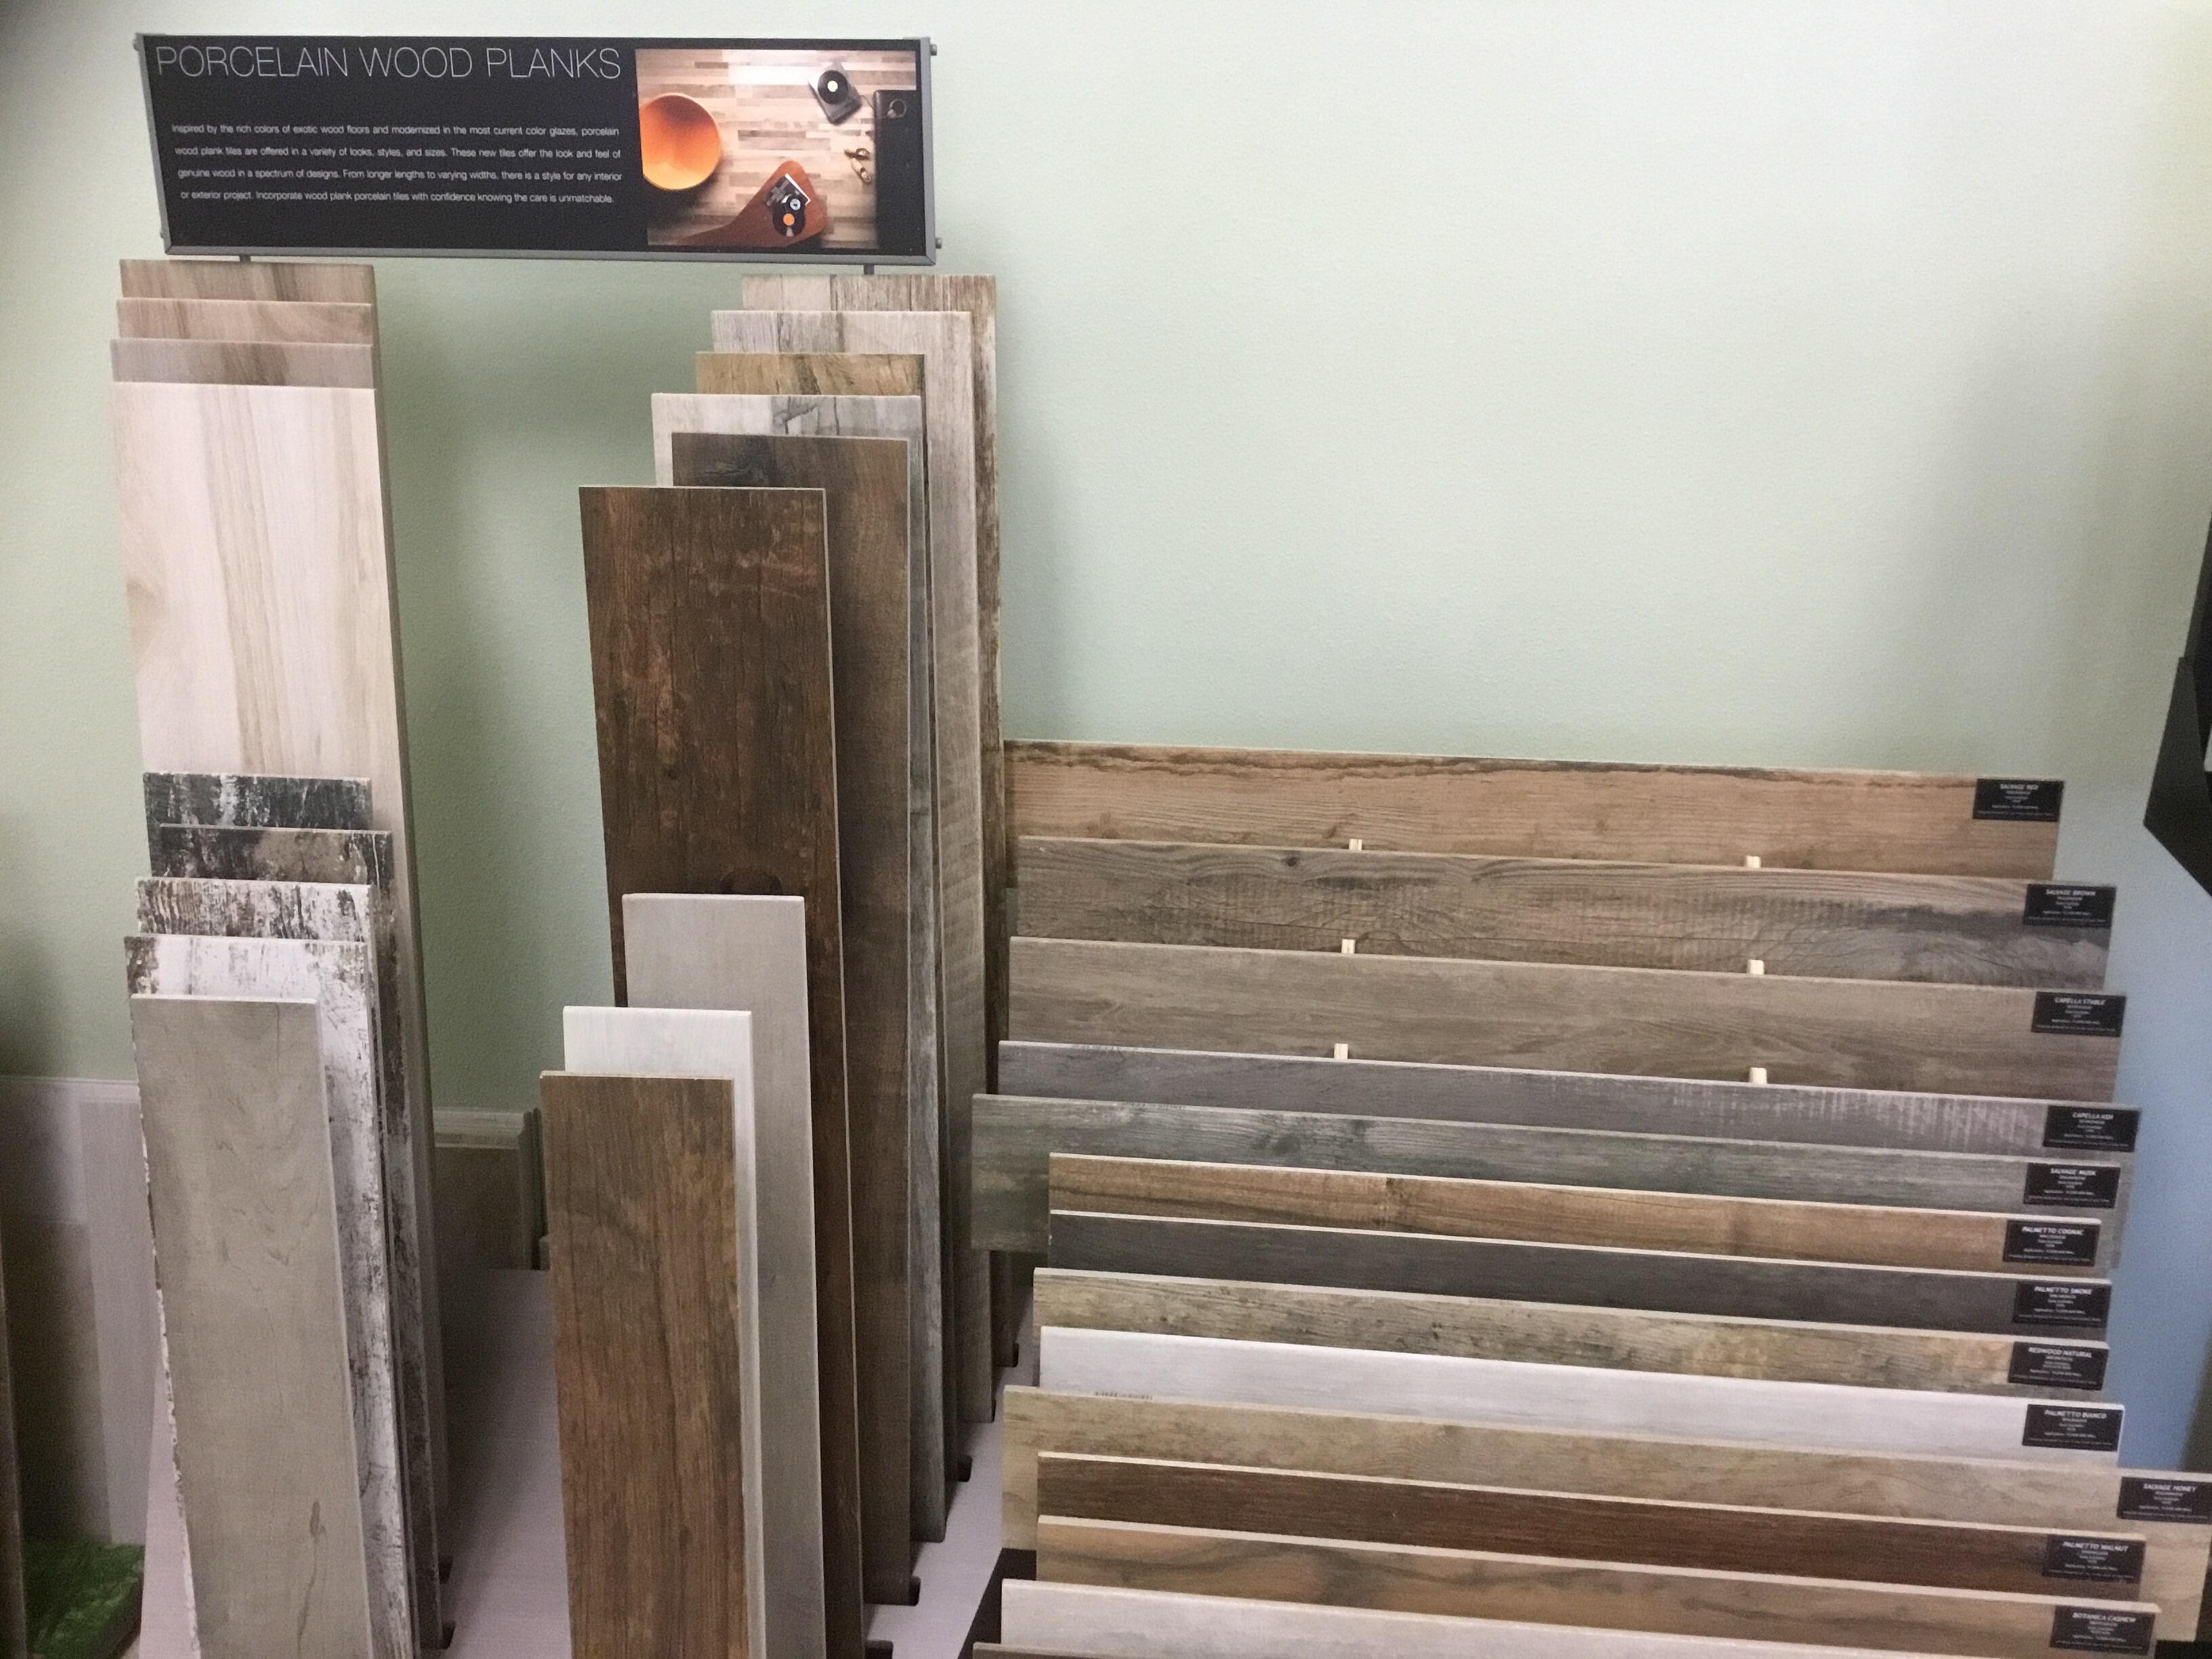 Waterproof floor store in Venice FL - Manasota Flooring